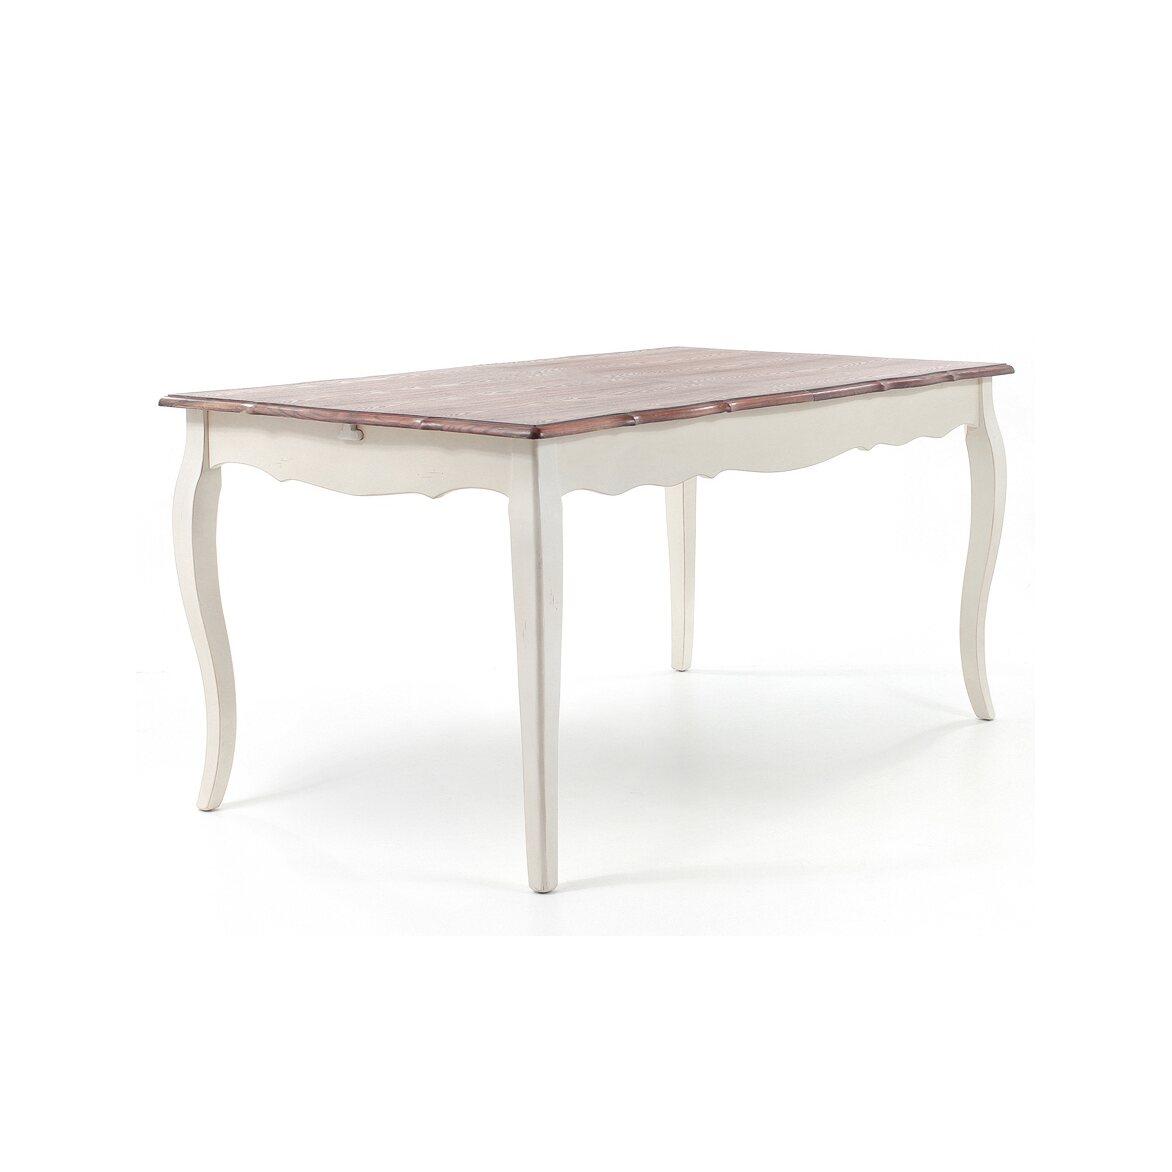 Обеденный стол раскладной Leontina, бежевого цвета   Обеденные столы Kingsby